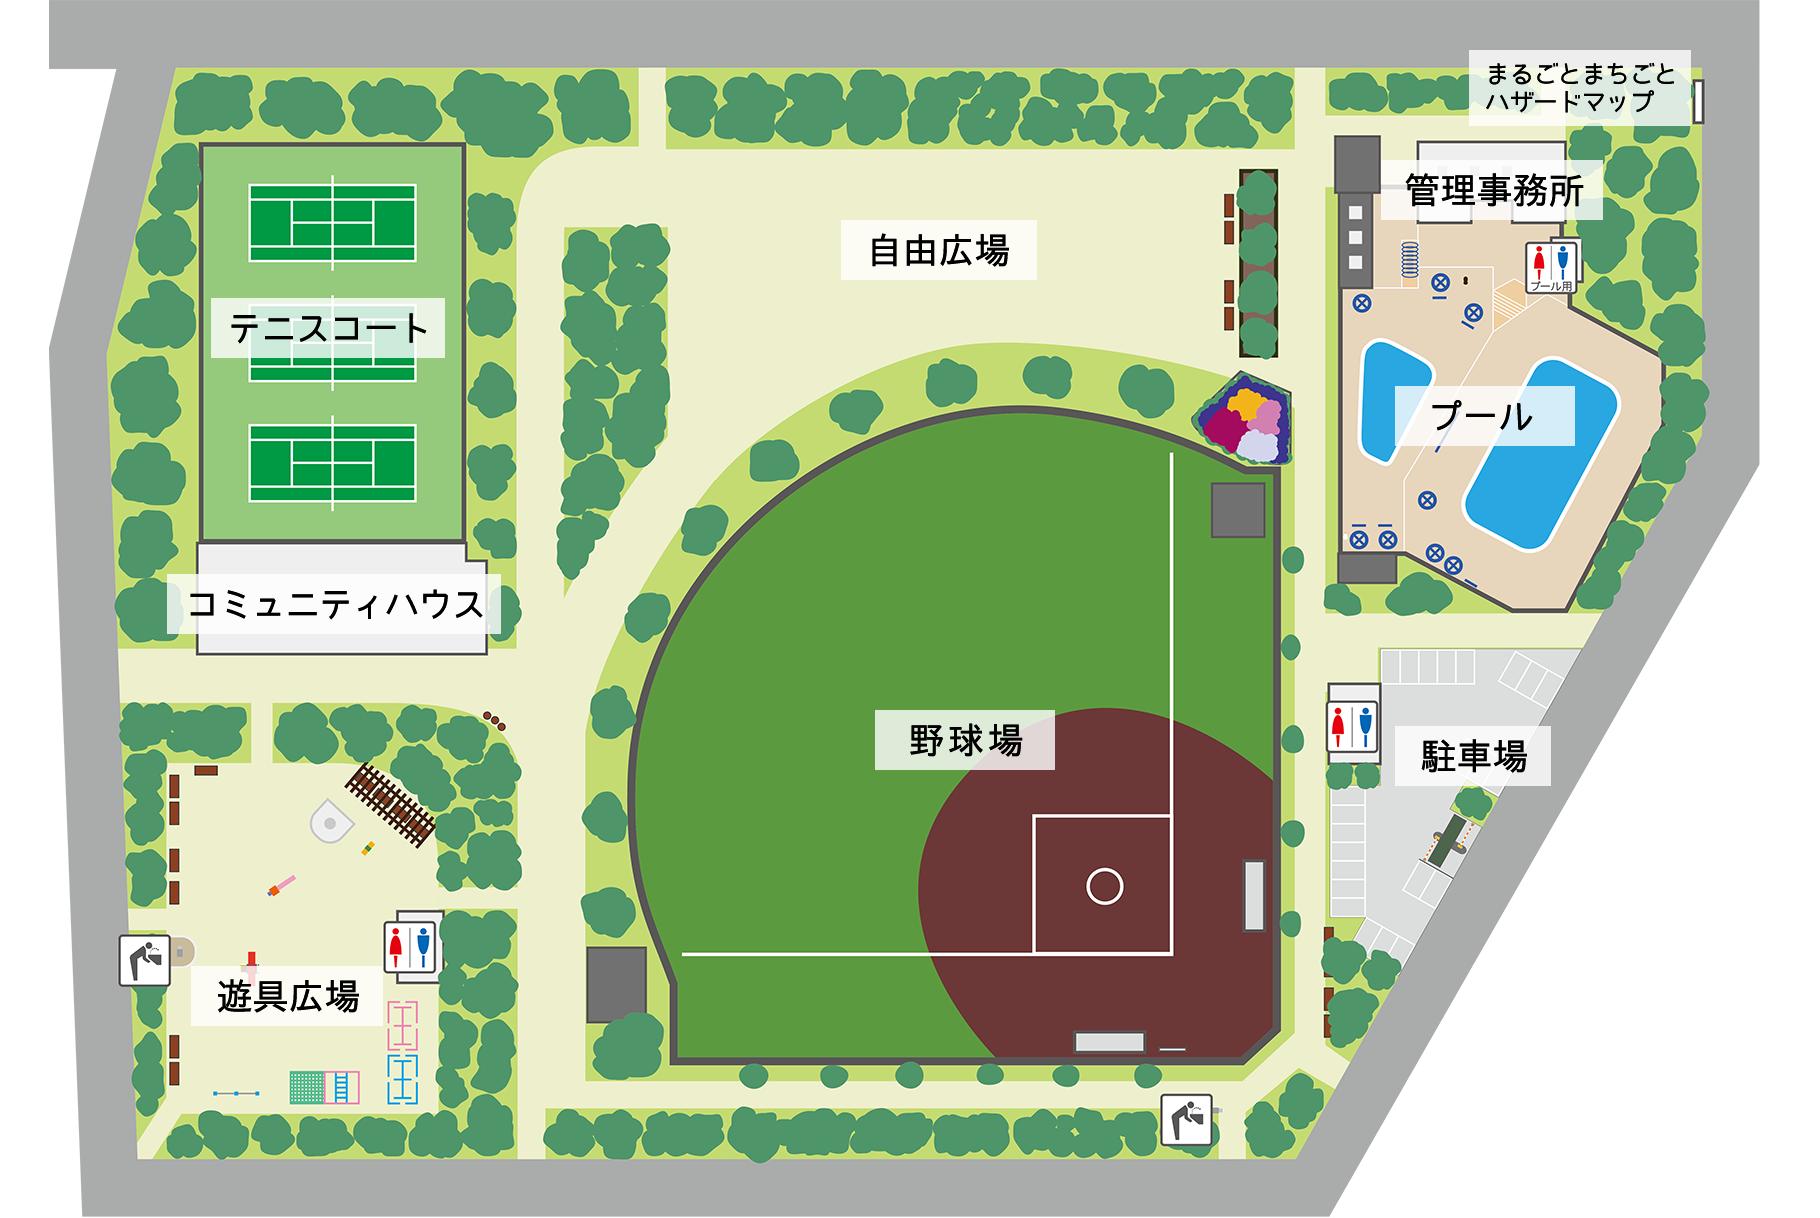 公園マップ画像